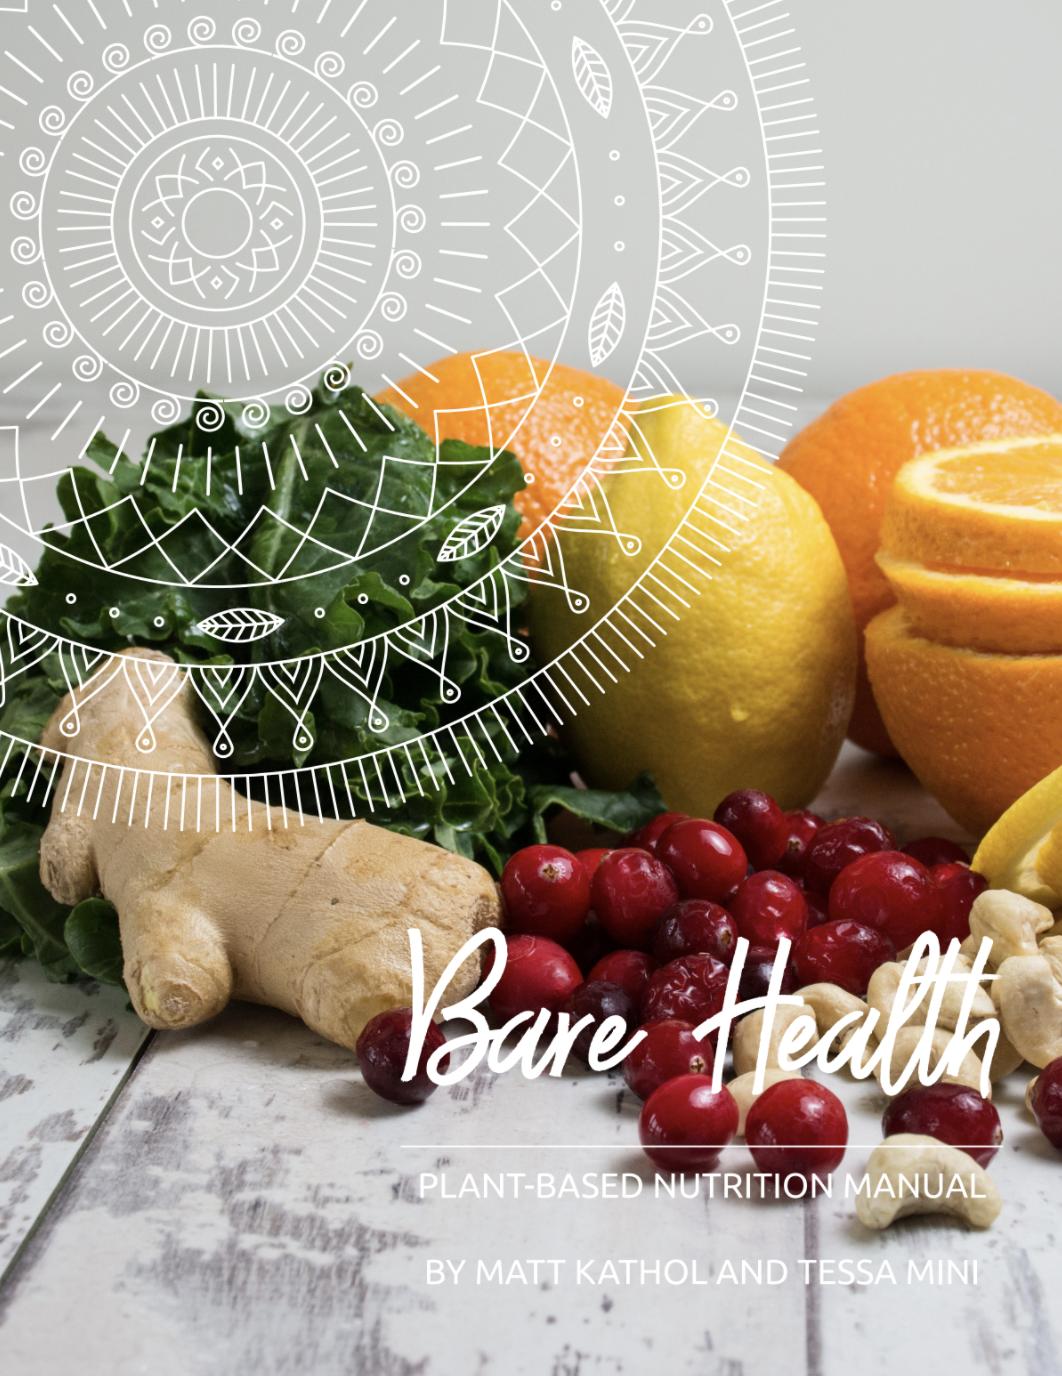 Vegan nutrition handbook